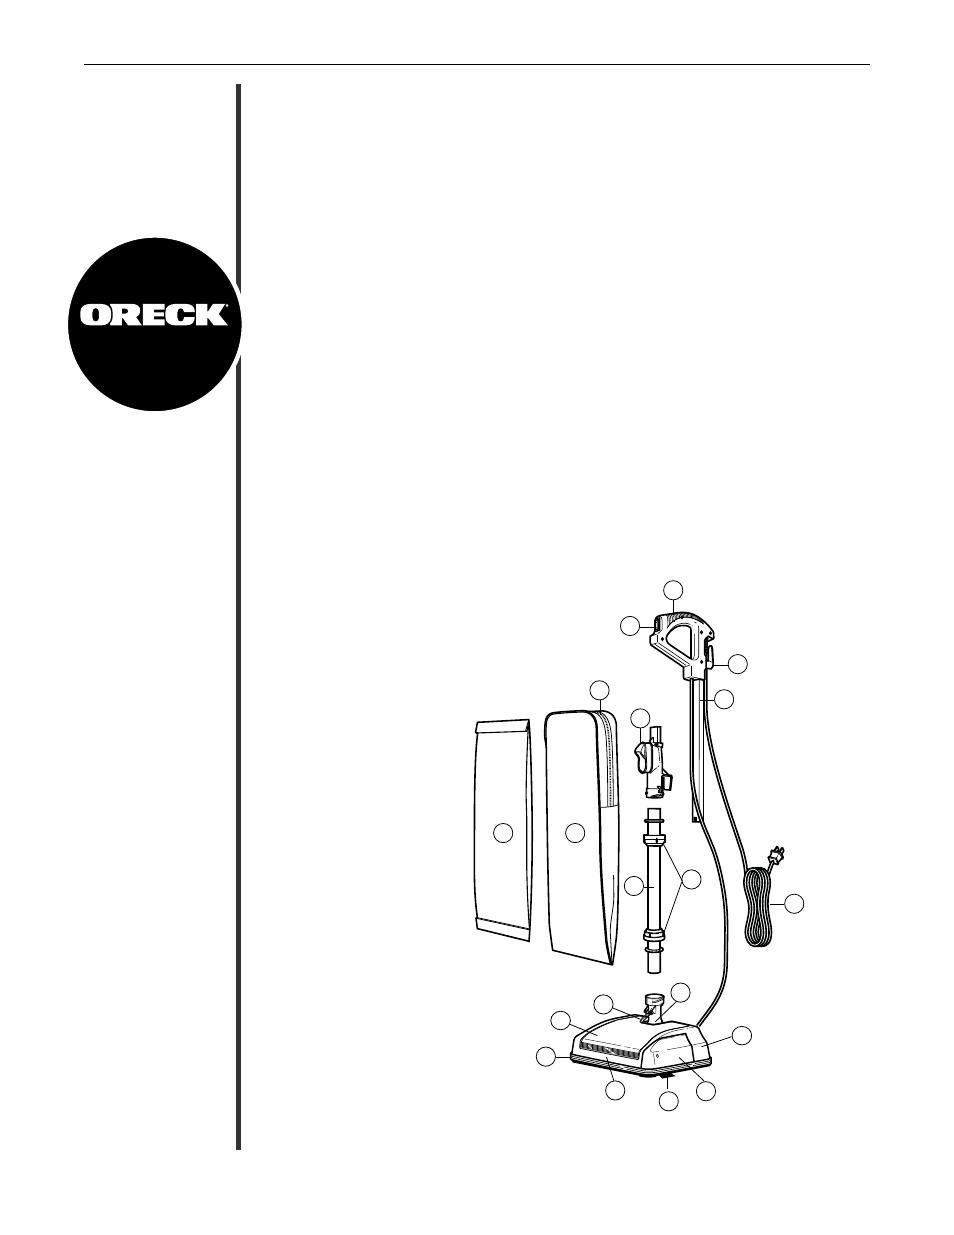 Oreck Upright Vacuum XL Silver Series U3771 User Manual